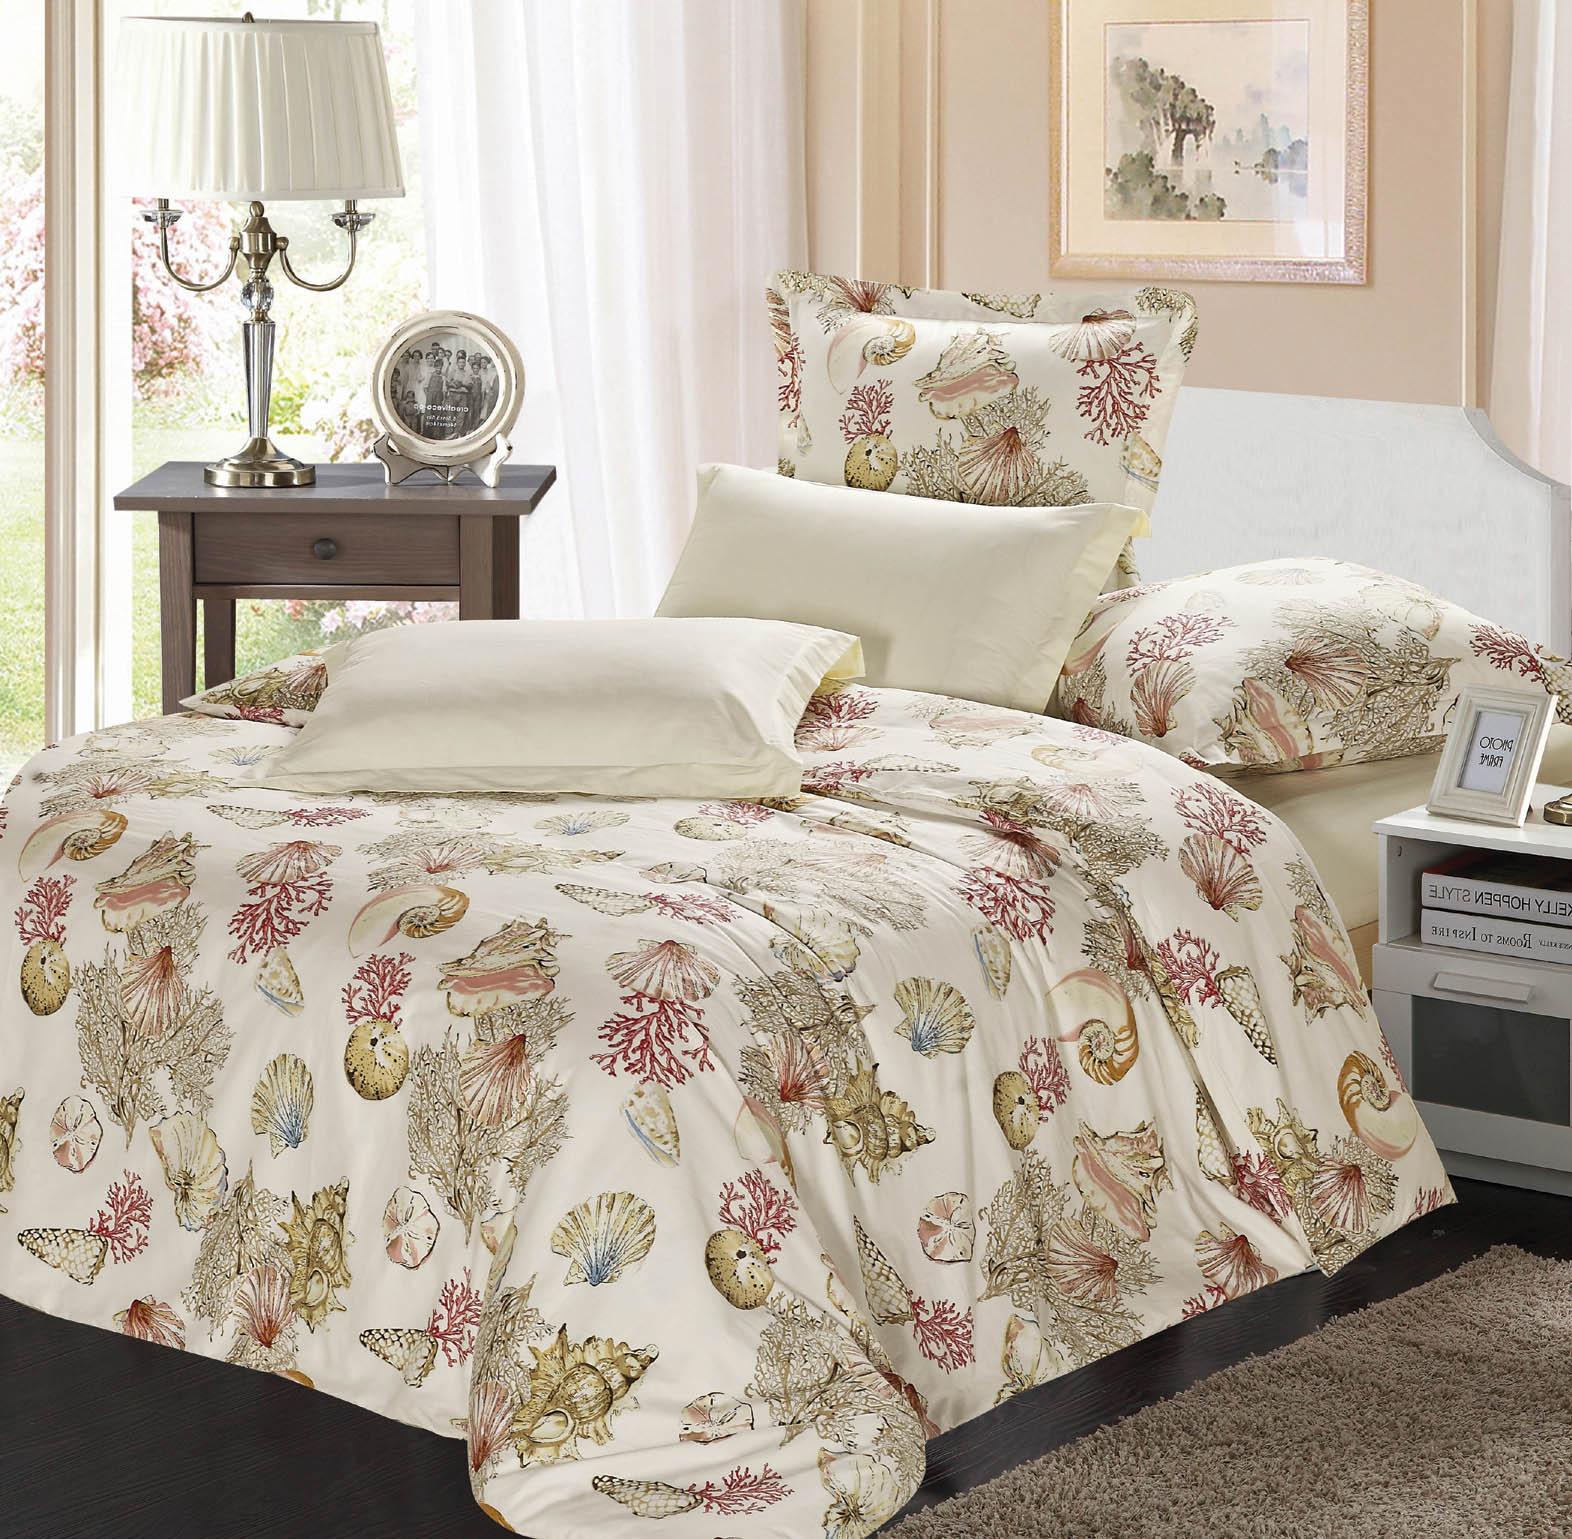 Купить Комплекты постельного белья СайлиД, Постельное белье Thalia B-156 (2 сп. евро), Китай, Бежевый, Хлопковый сатин